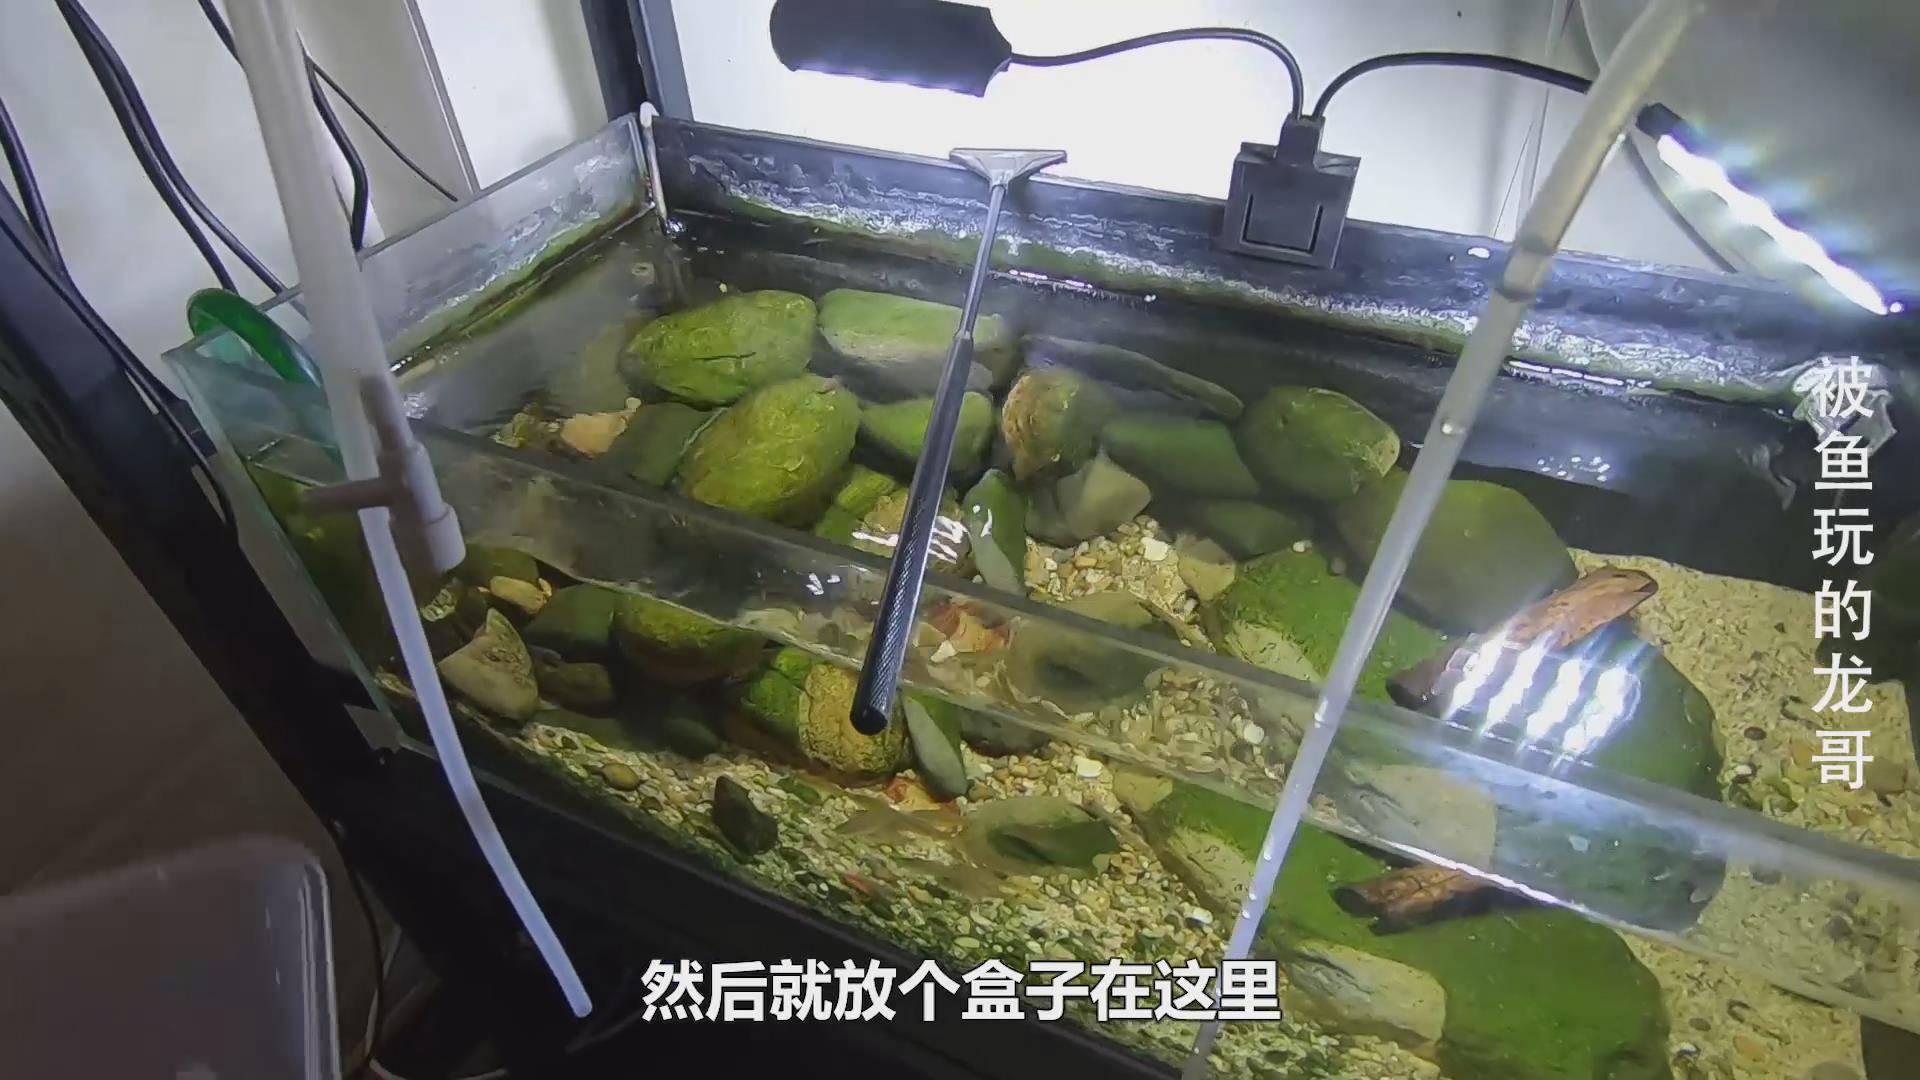 冰冻了一年多的丰年虾卵,这个神器孵化出无数小虾,小鱼抢着吃!